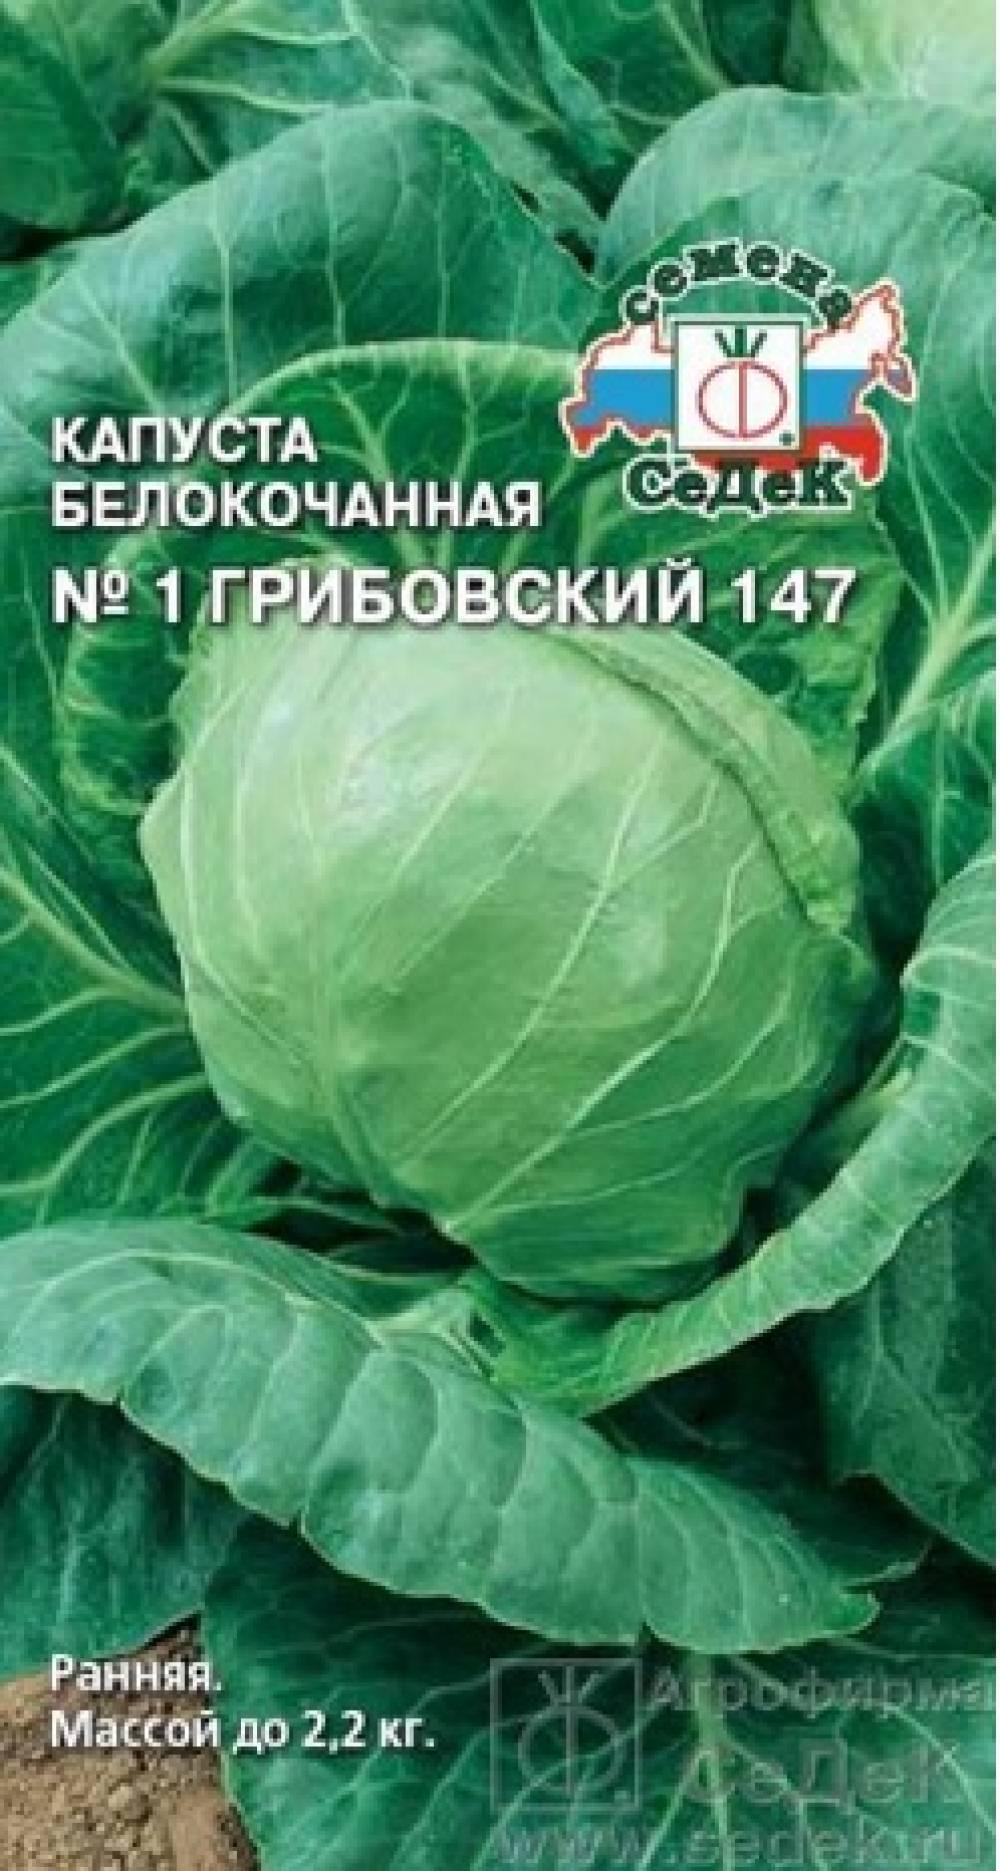 Капуста грибовская 147: отзывы - сельская жизнь